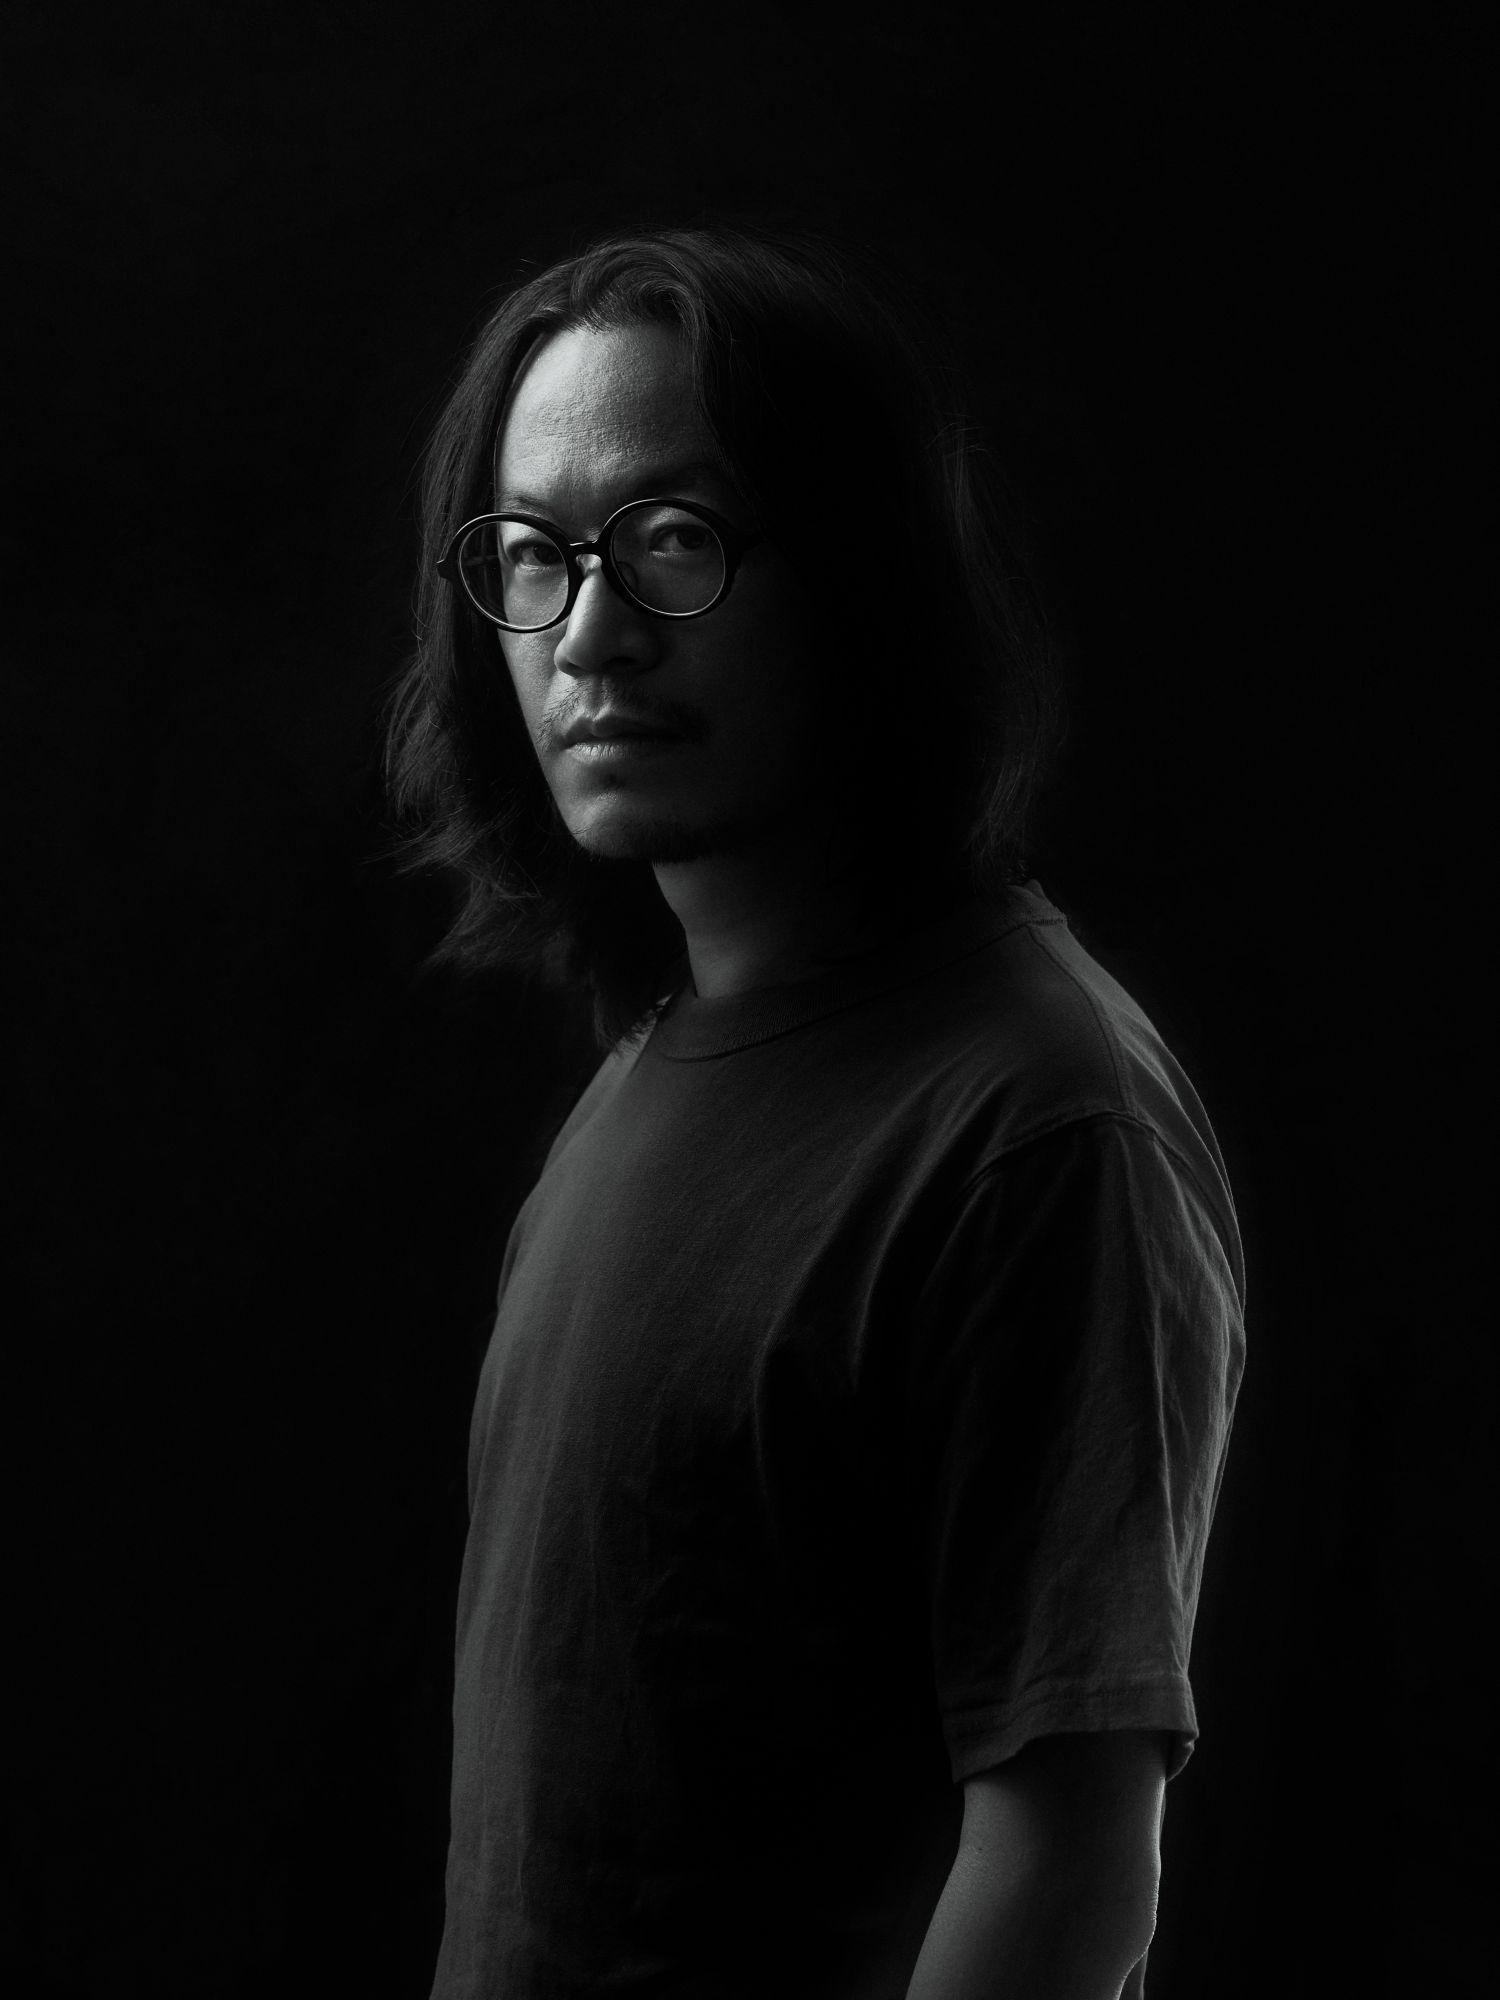 台灣當代攝影藝術的鬼才標記!邵亭魁:「你必須有獨特的美感,只有少數的位置留給擁有最獨特視角、大膽的創作者。」